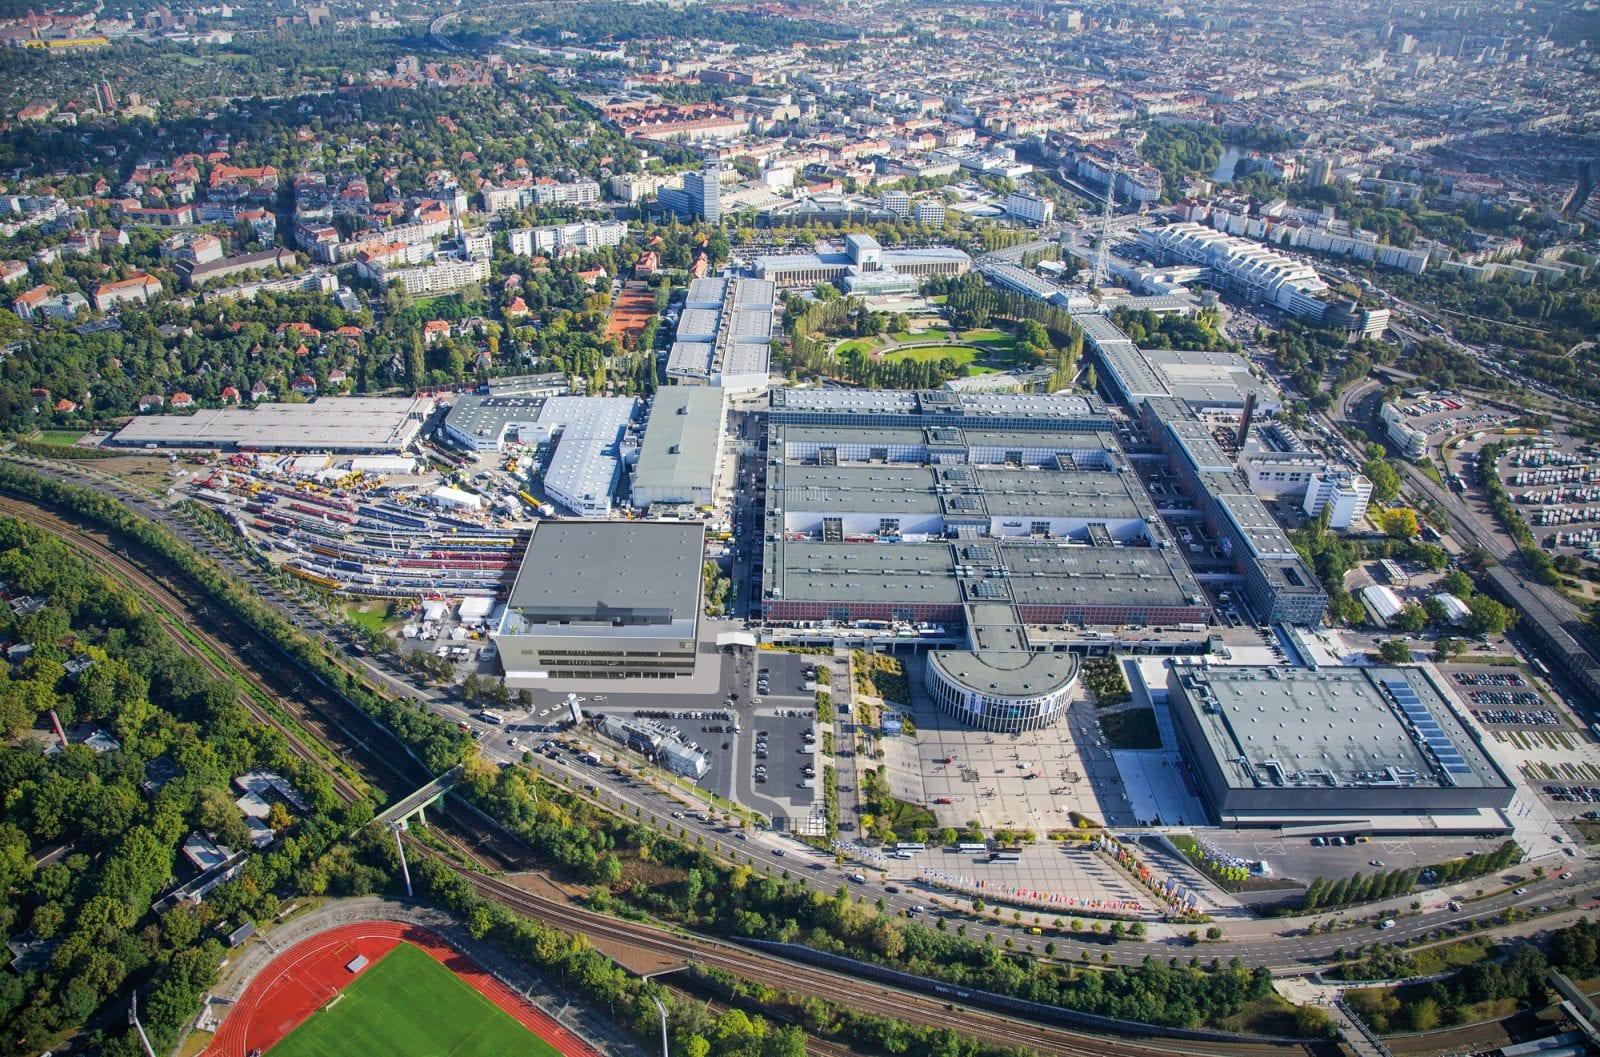 Luftbild des Berliner Messegeländes, hier fand von 1981 bis 2020 die Baufachmesse bautec statt (Foto: Messe Berlin GmbH)